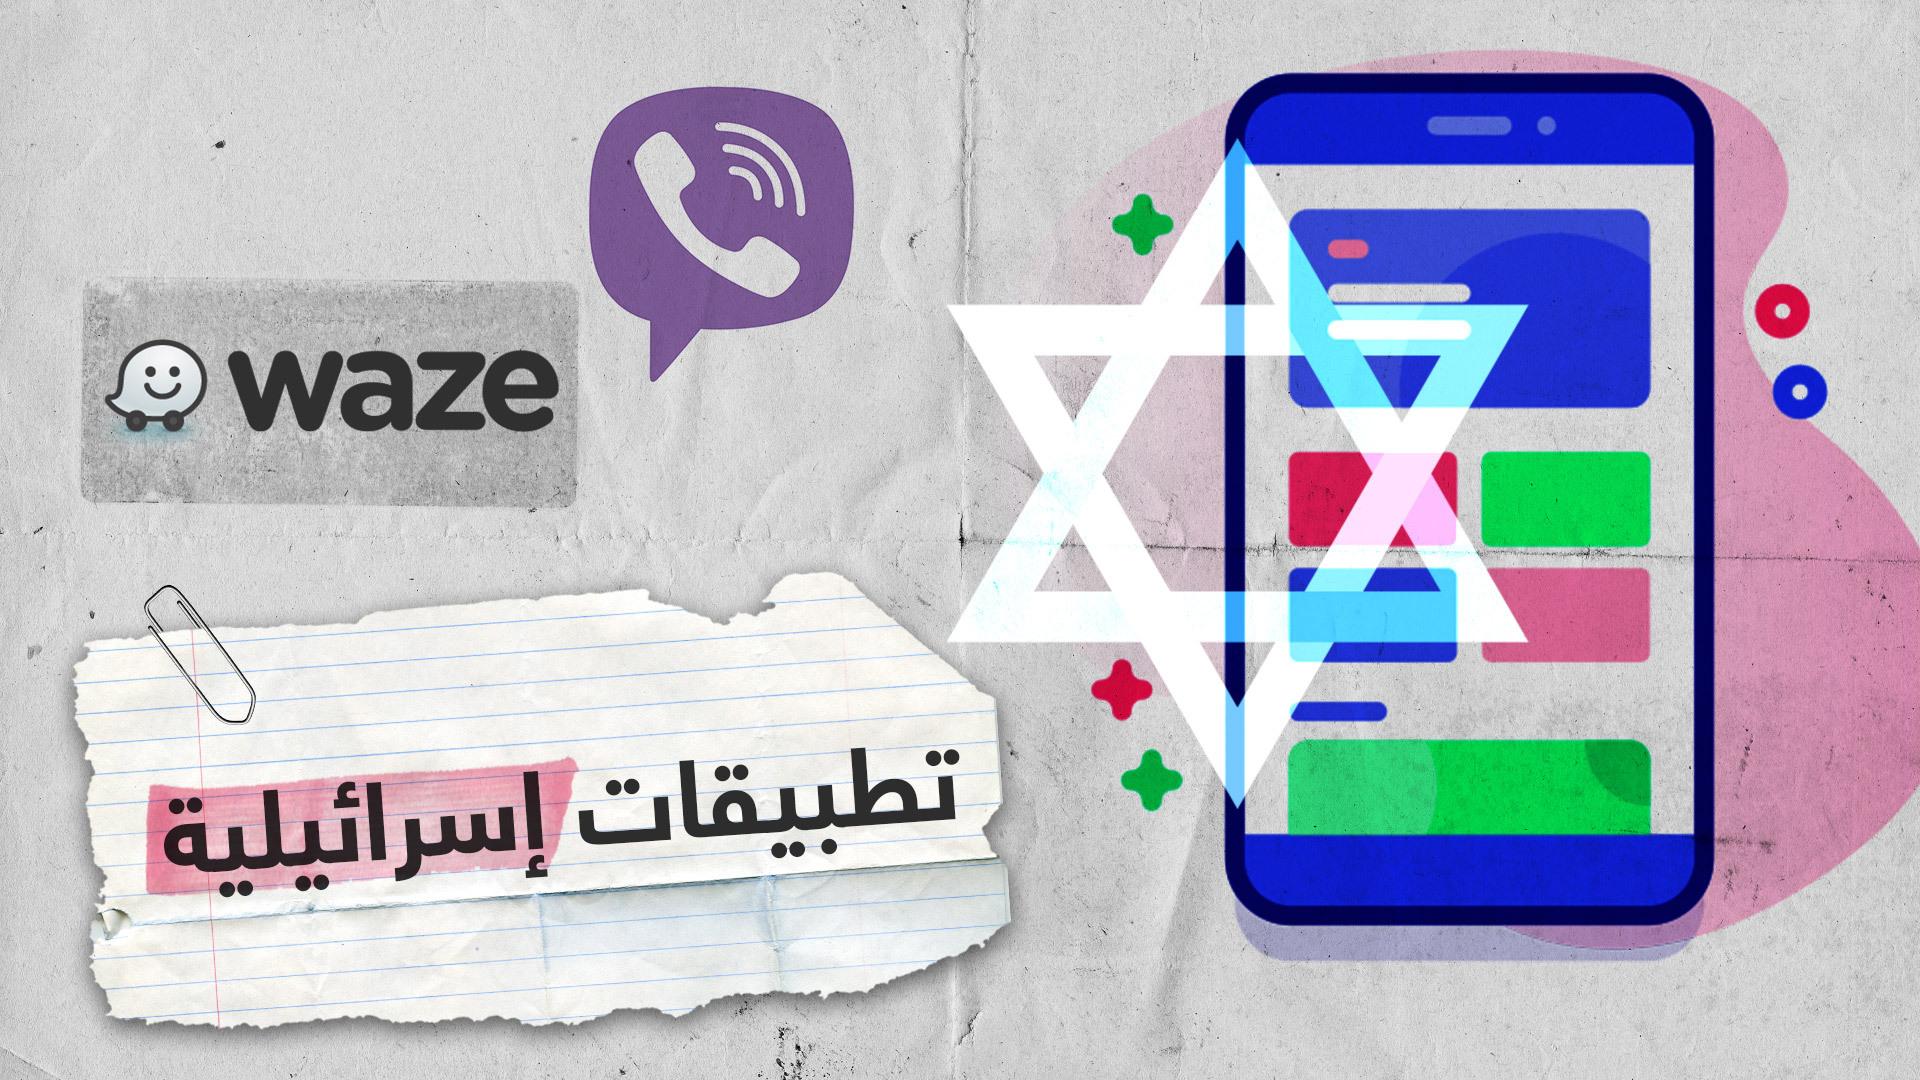 تطبيقات إسرائيلية قد تكون على هاتفك المحمول